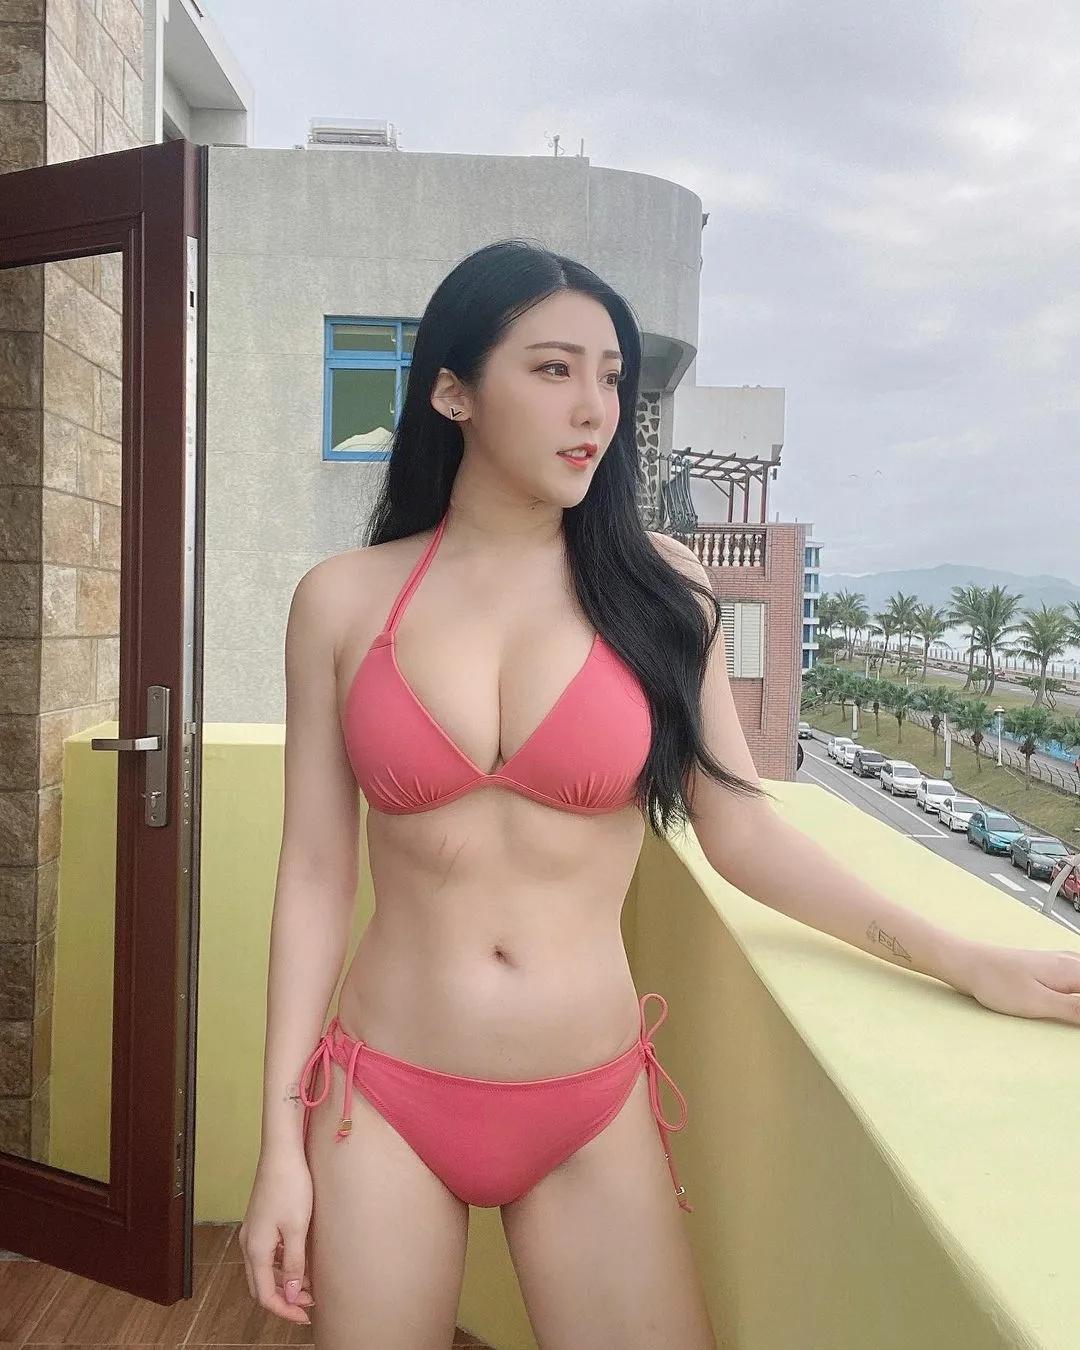 台湾美女许薇安,超凶超甜超可爱!